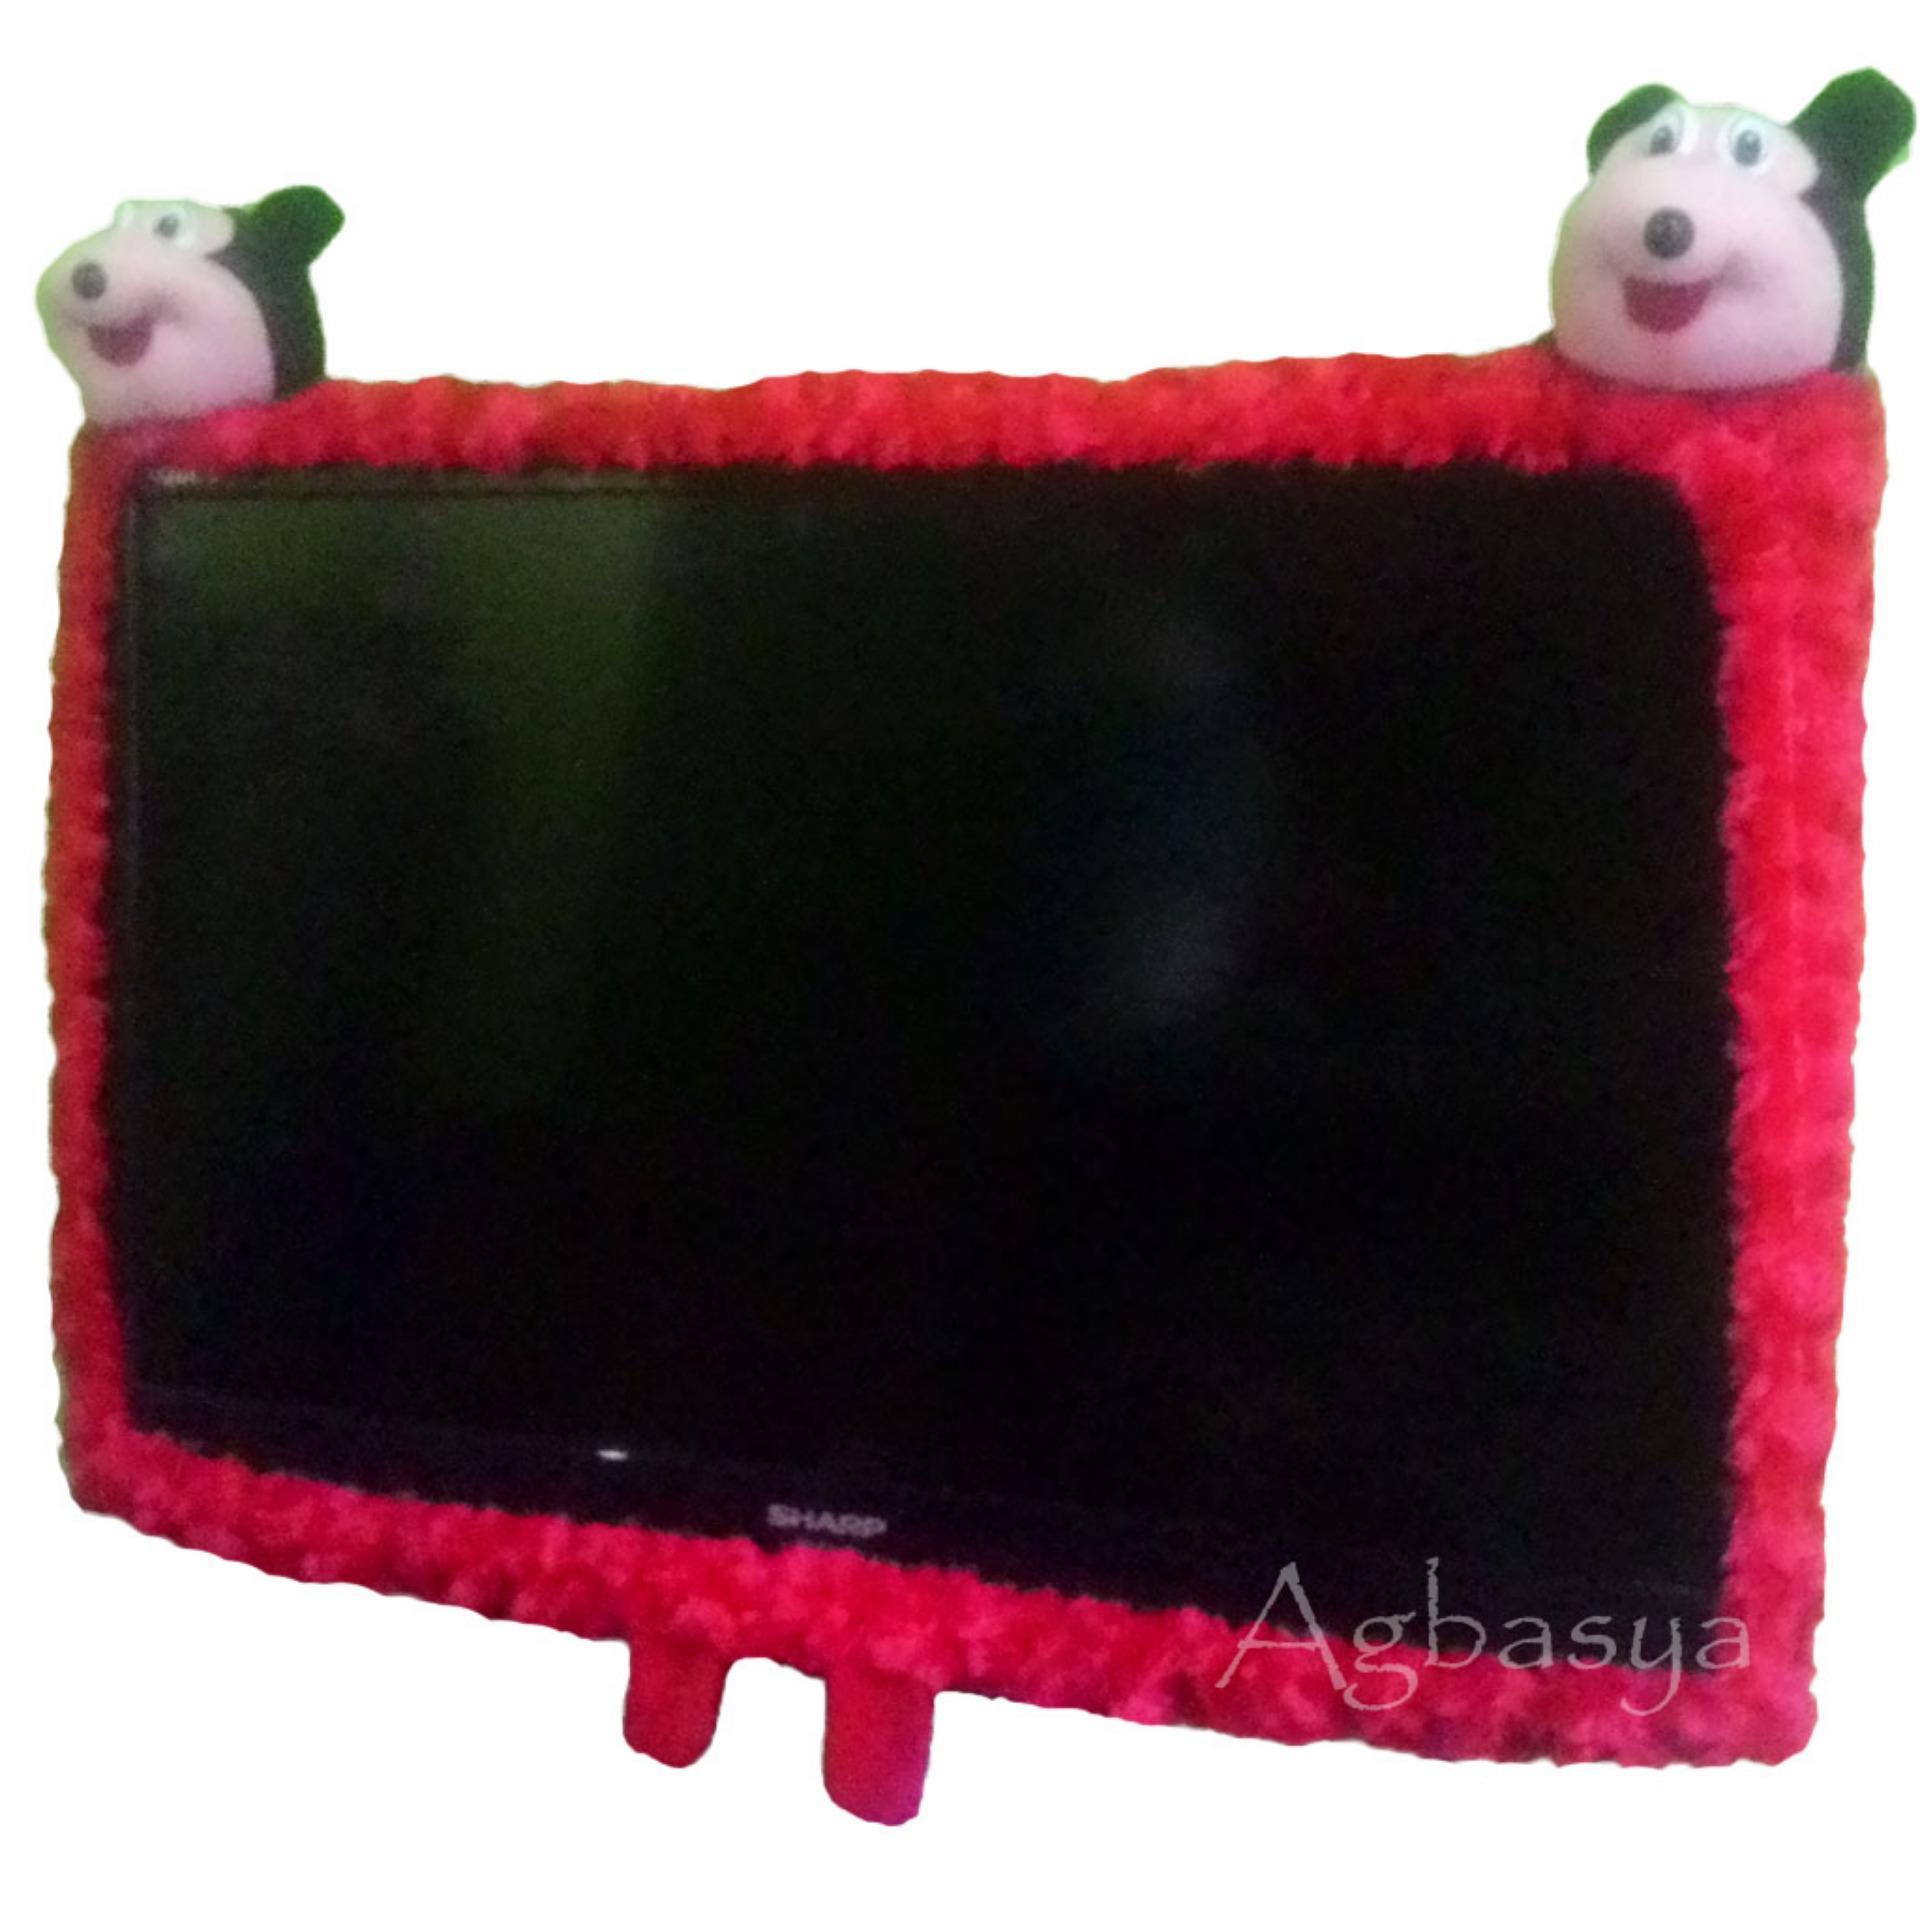 Sarung / Cover / Bando TV LED Model 2 Kepala Boneka Karakter